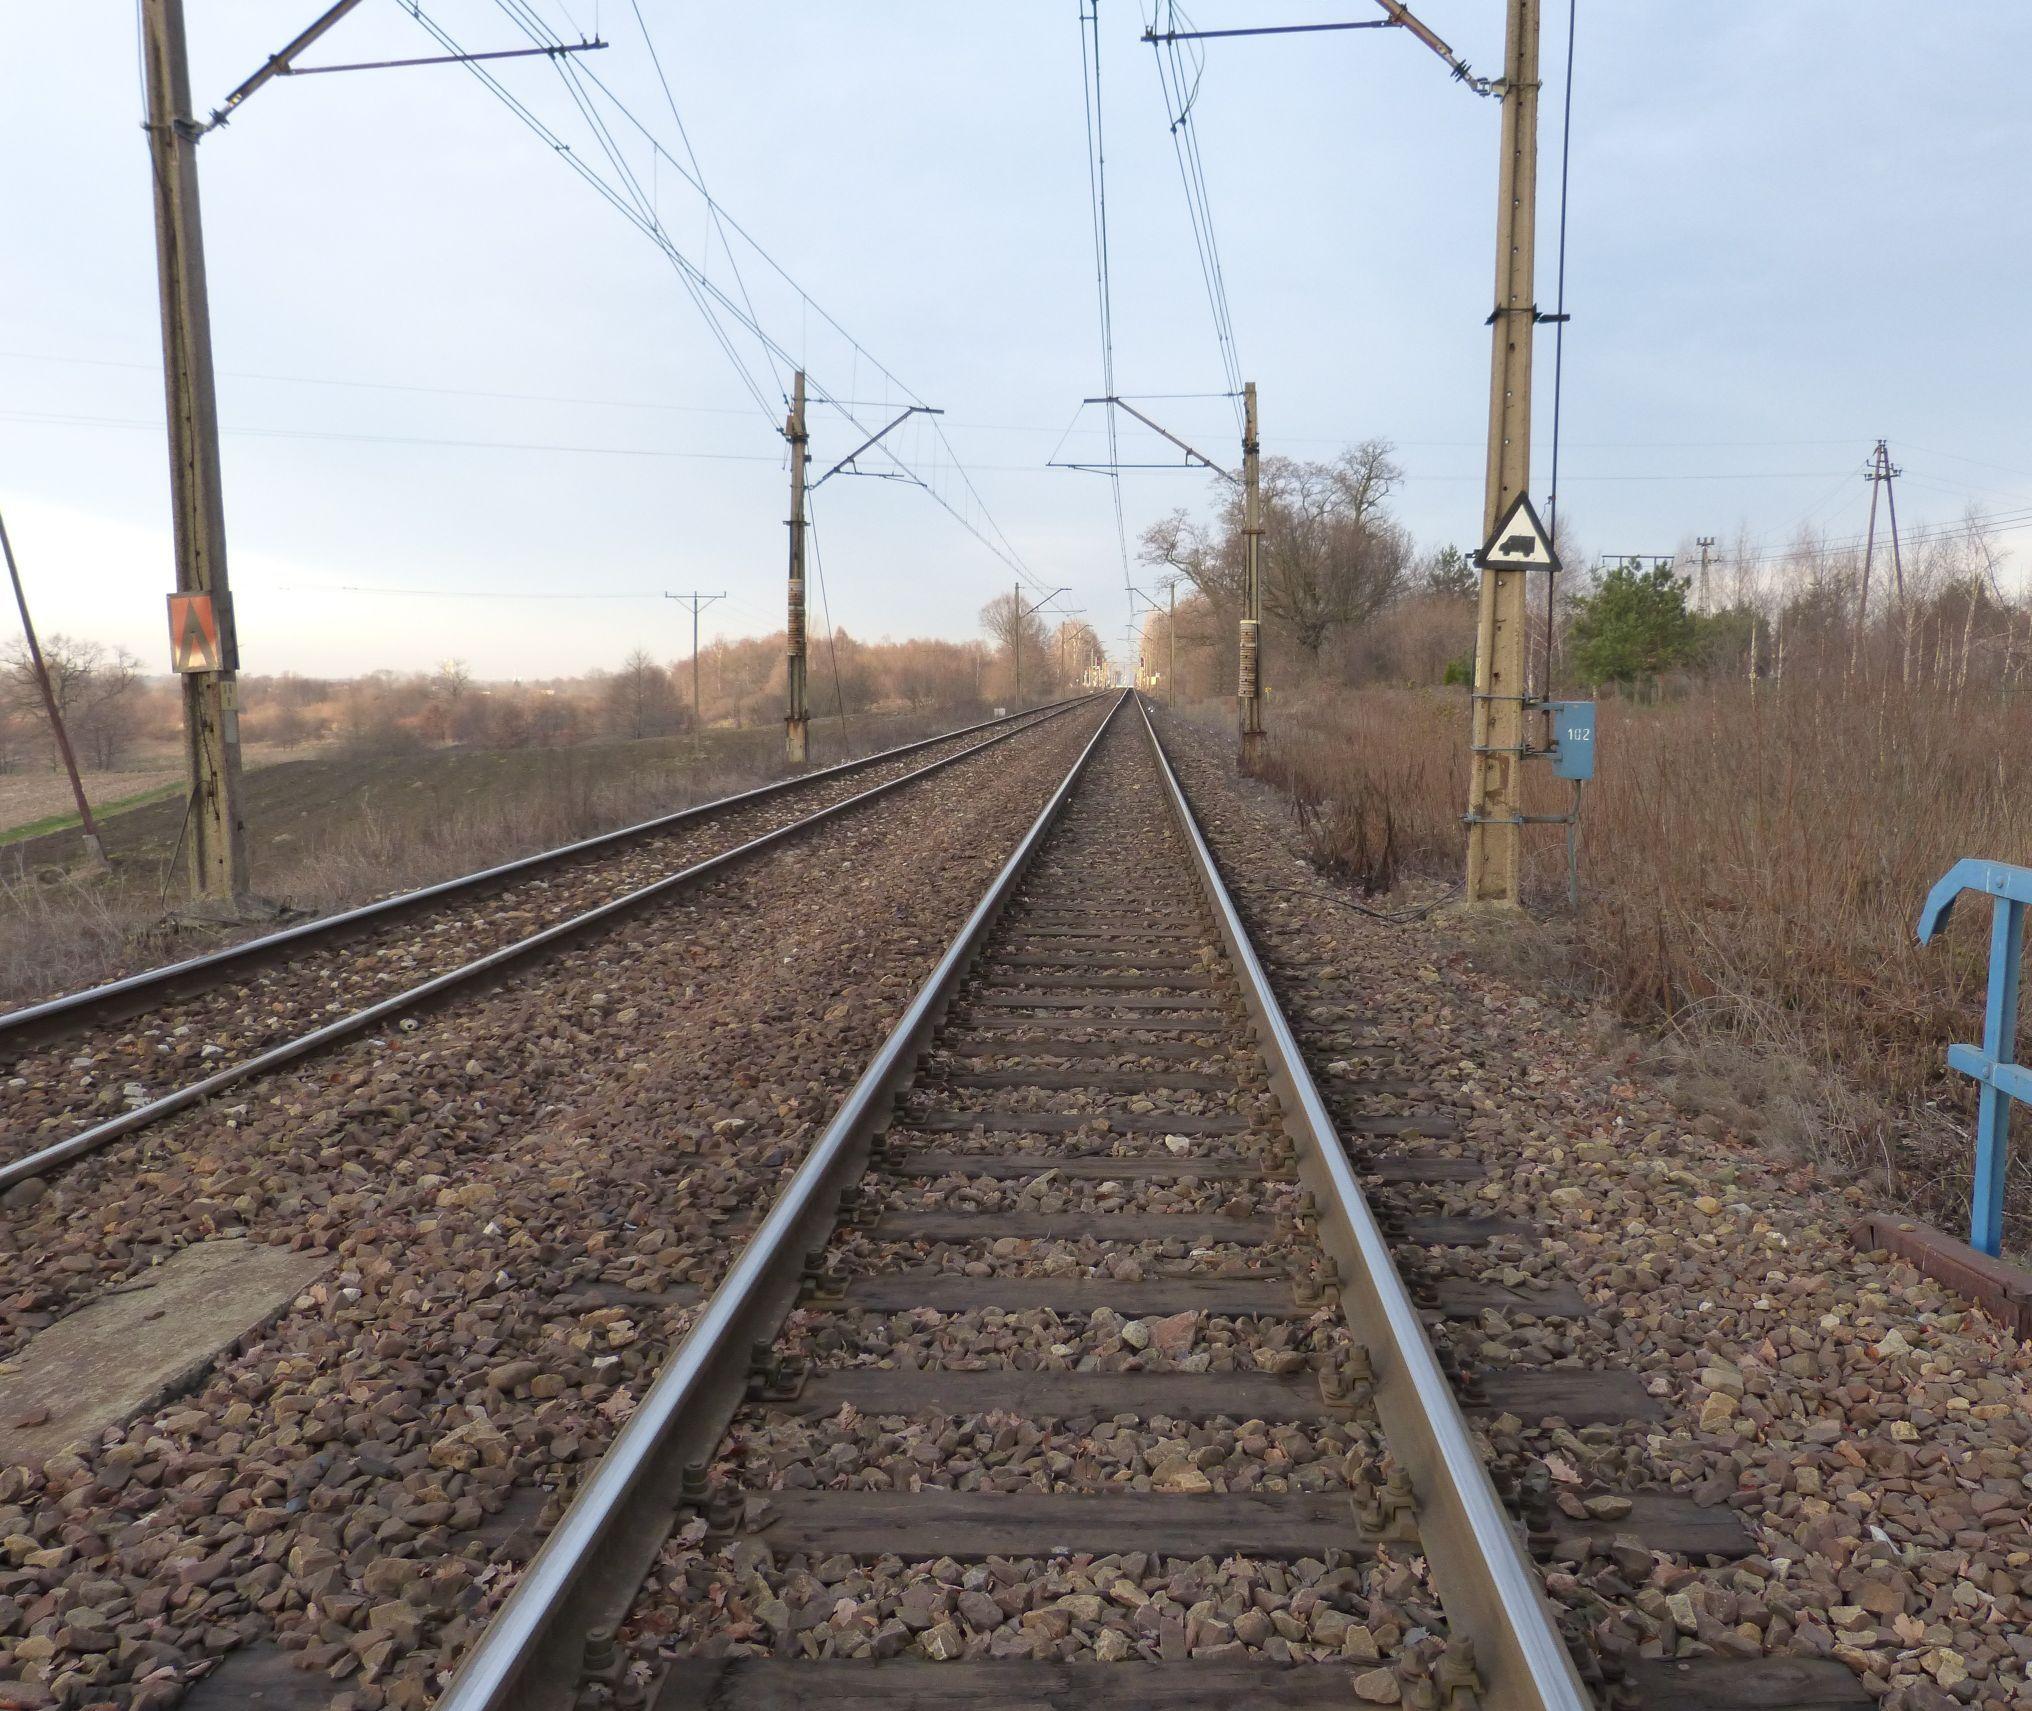 Aż do wakacji poważne utrudnienia na linii kolejowej do Krakowa